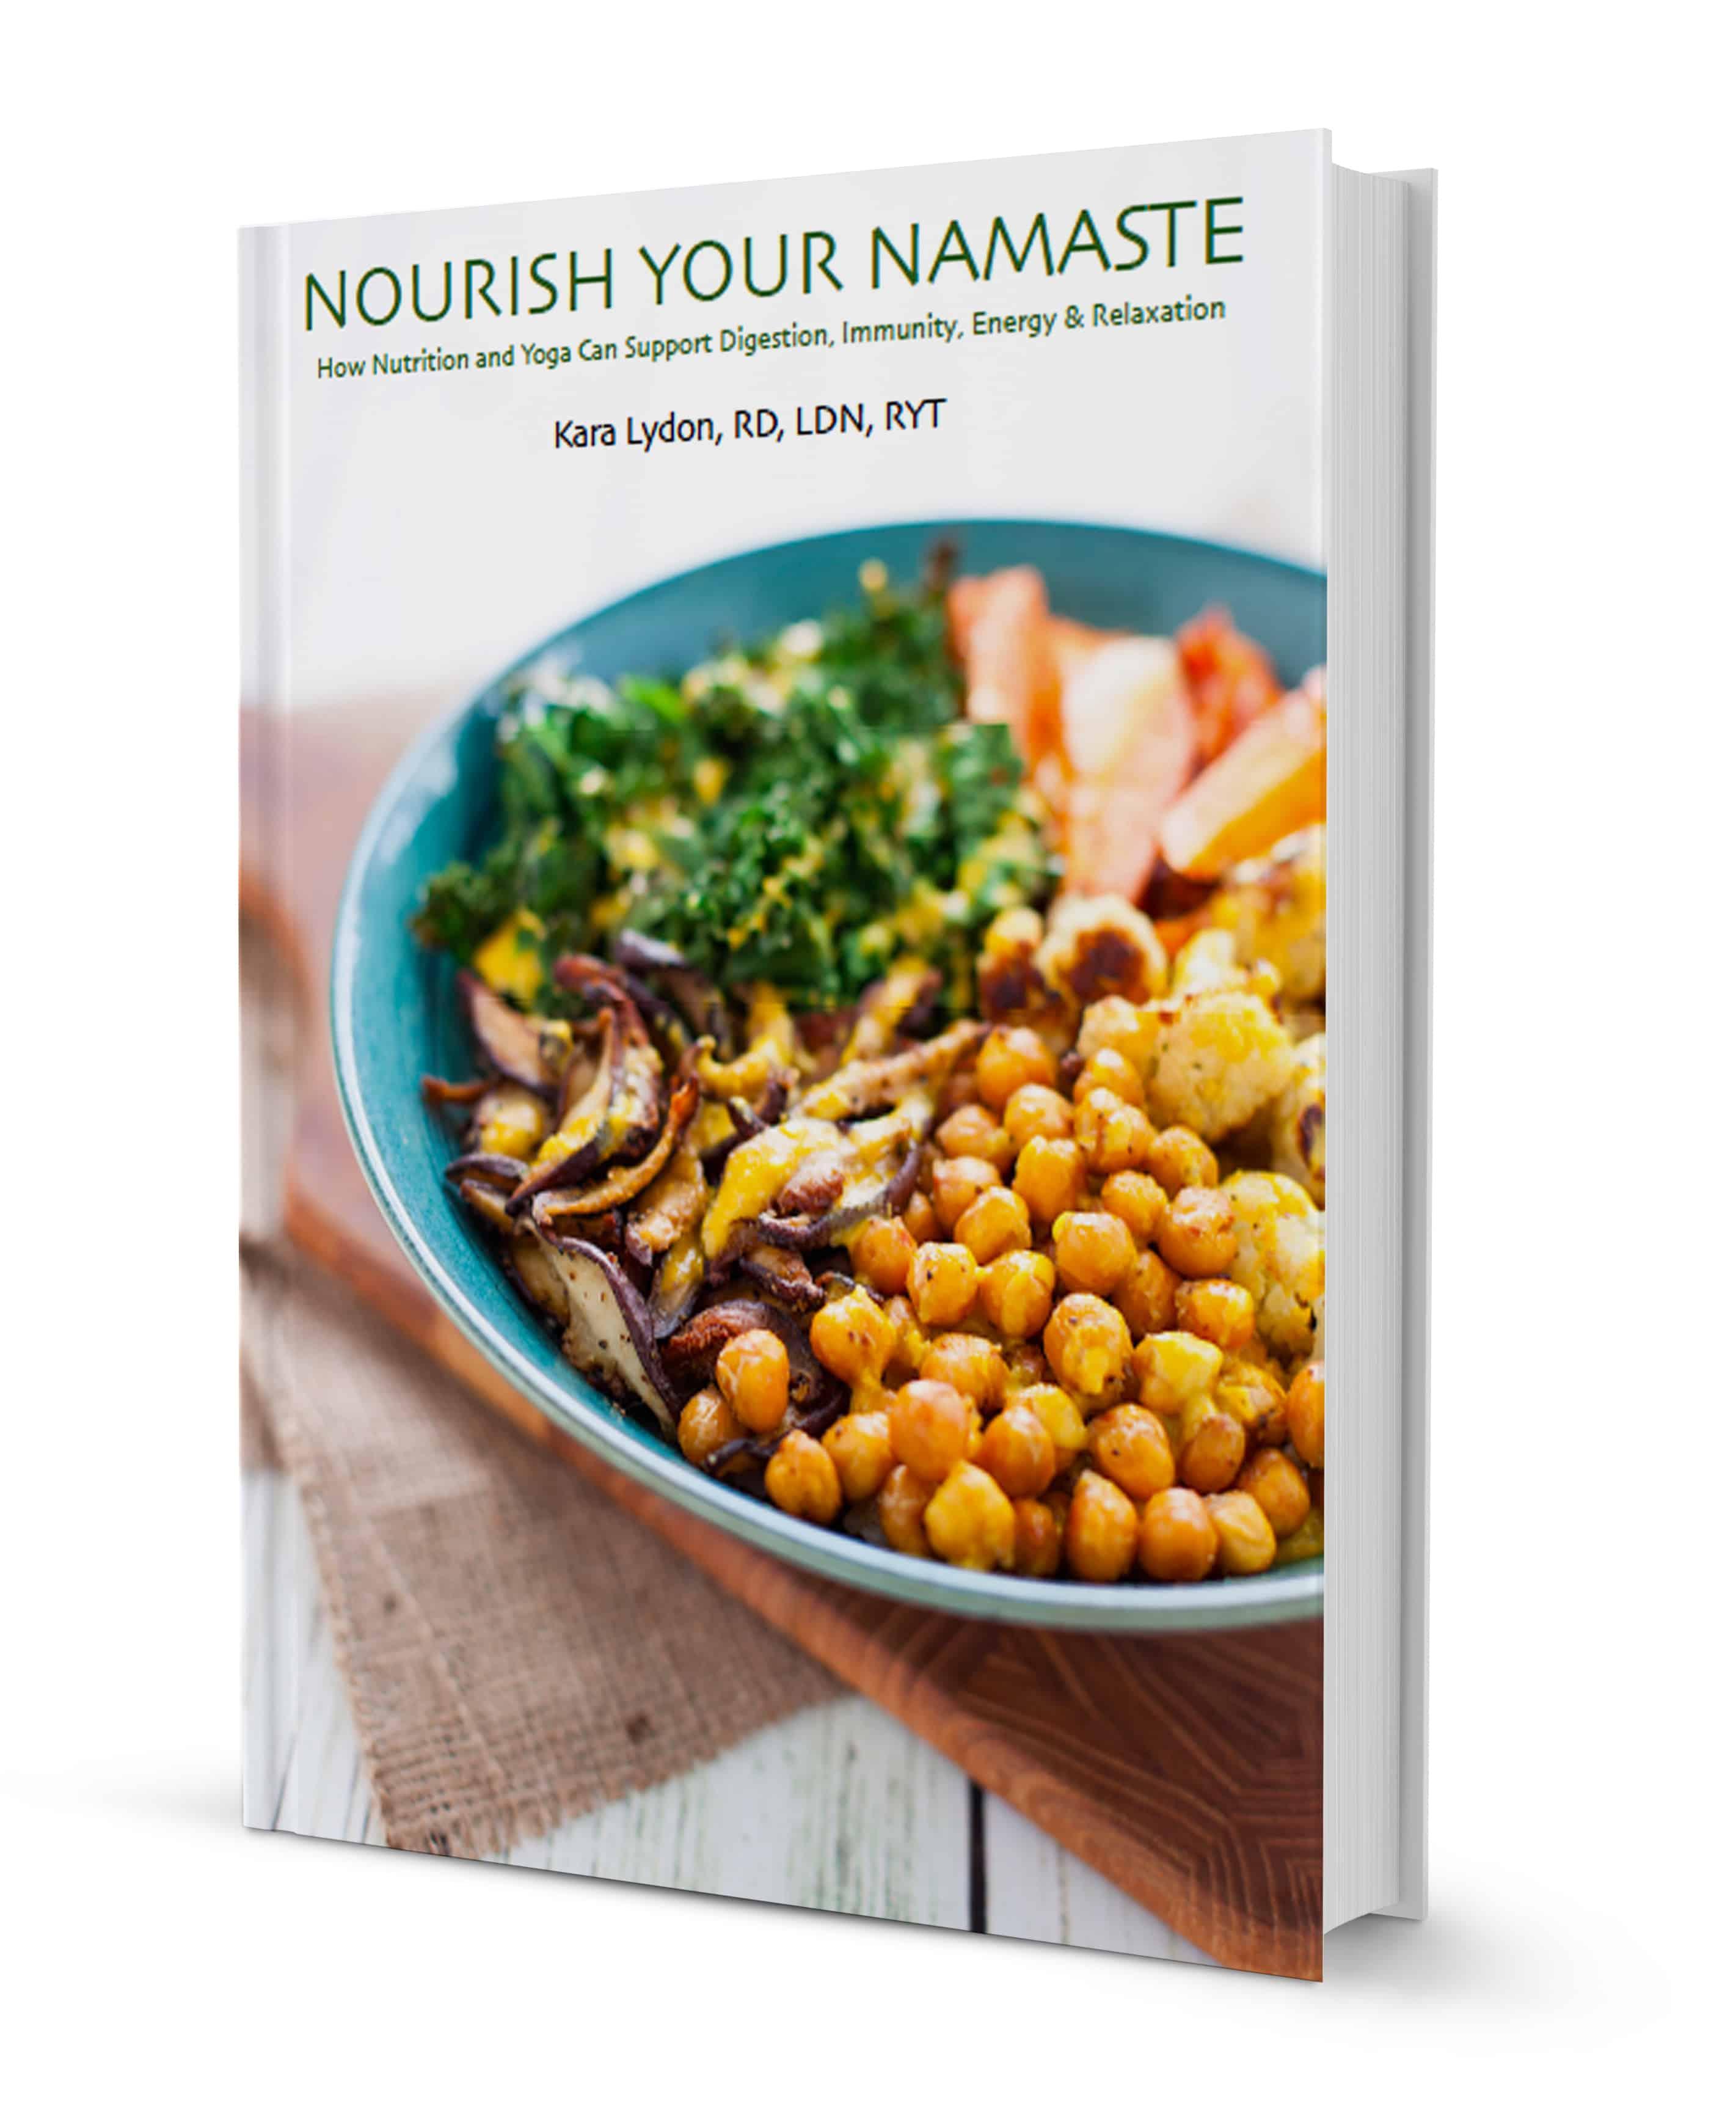 NourishYourNamaste-book-cropped (1)